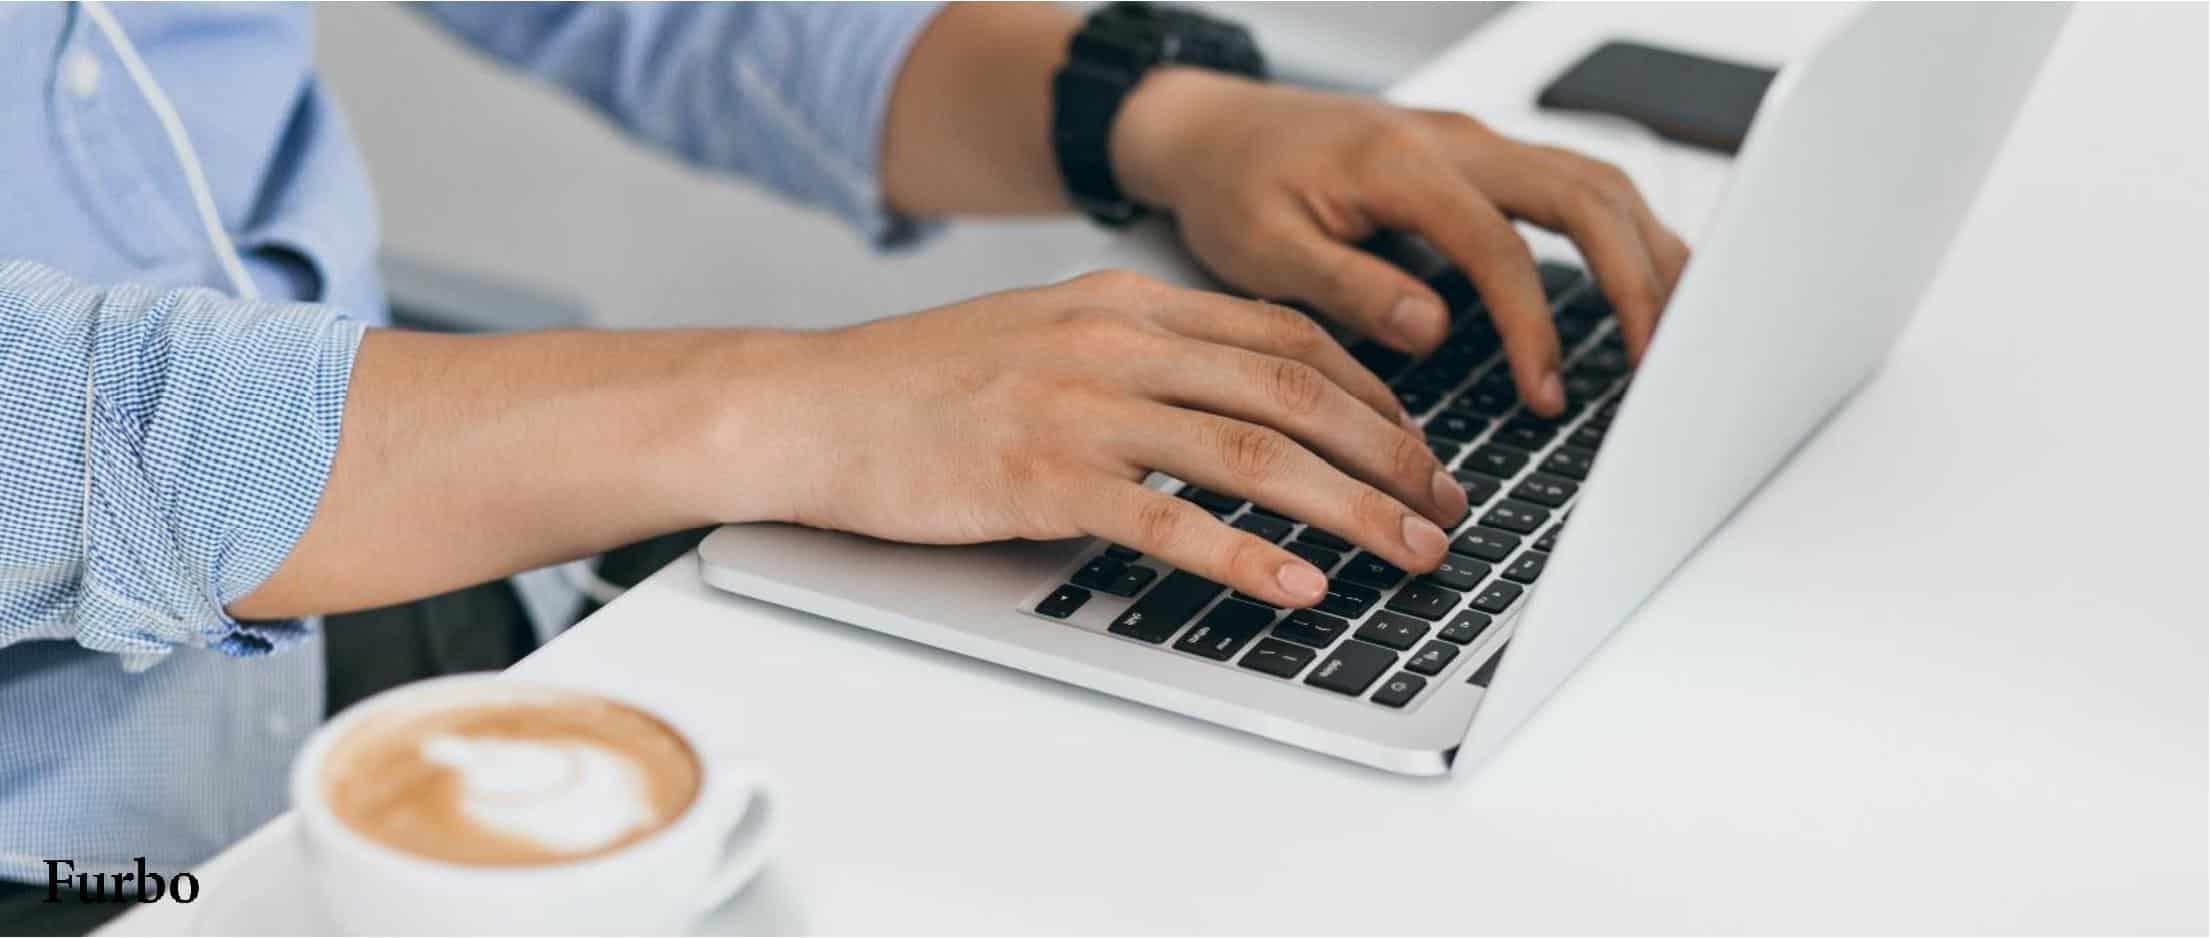 ویژگی فروش محصول در فروشگاه اینترنتی